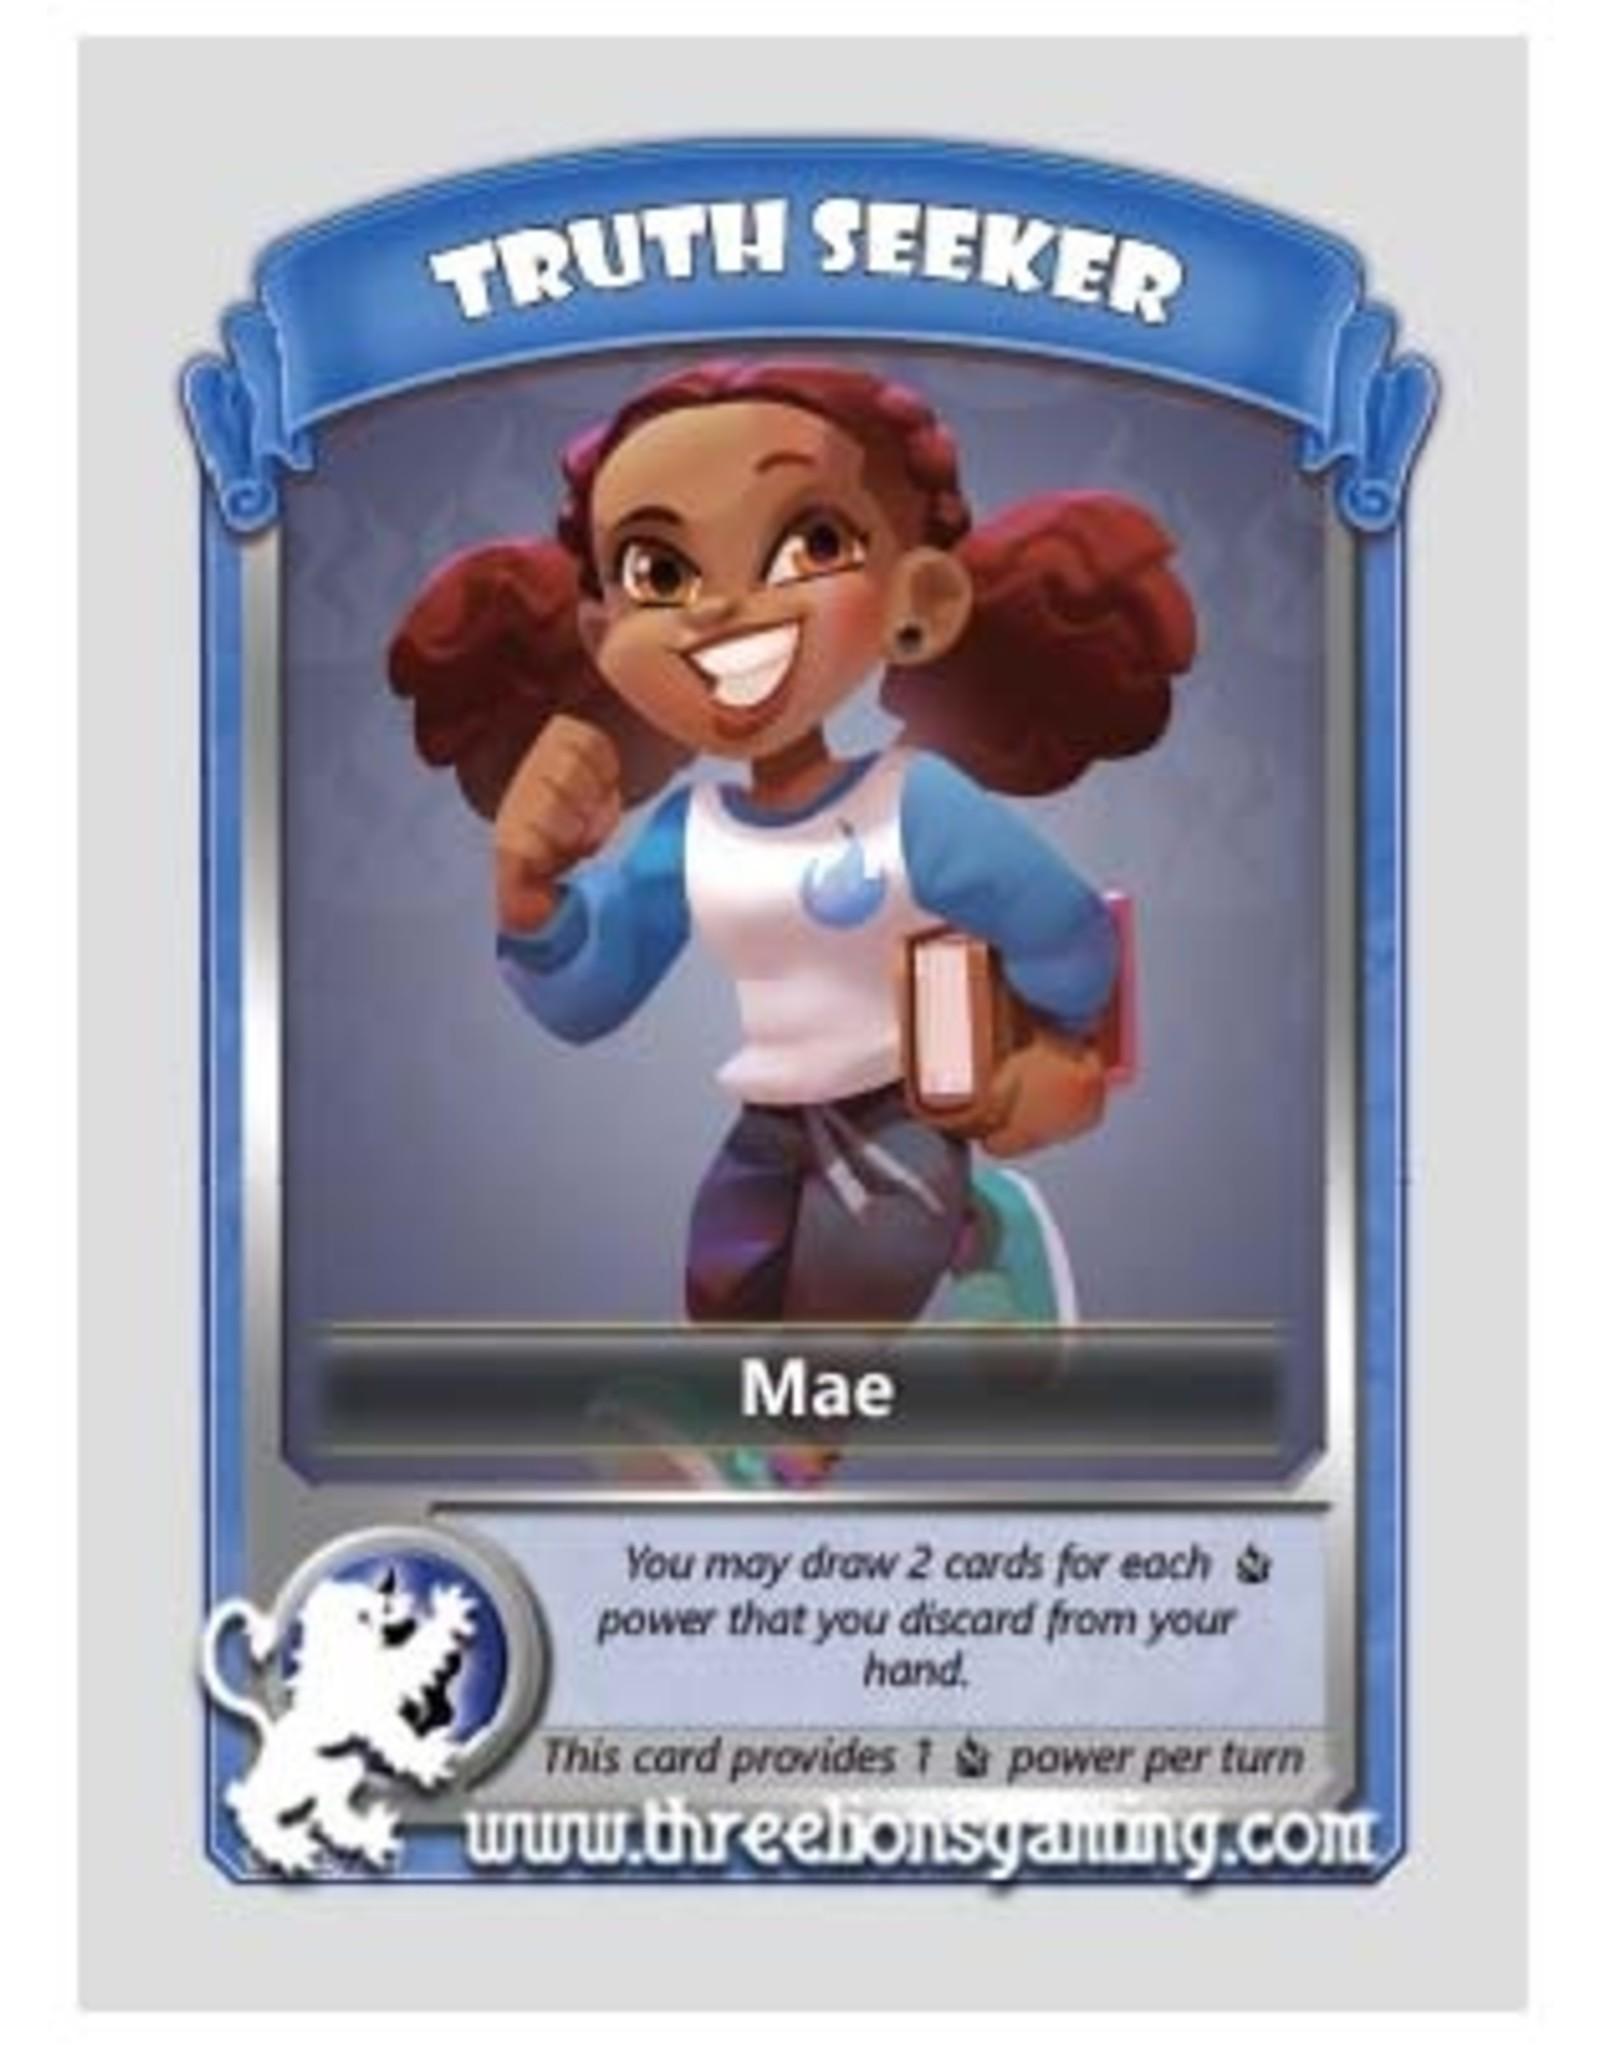 CT: Mae